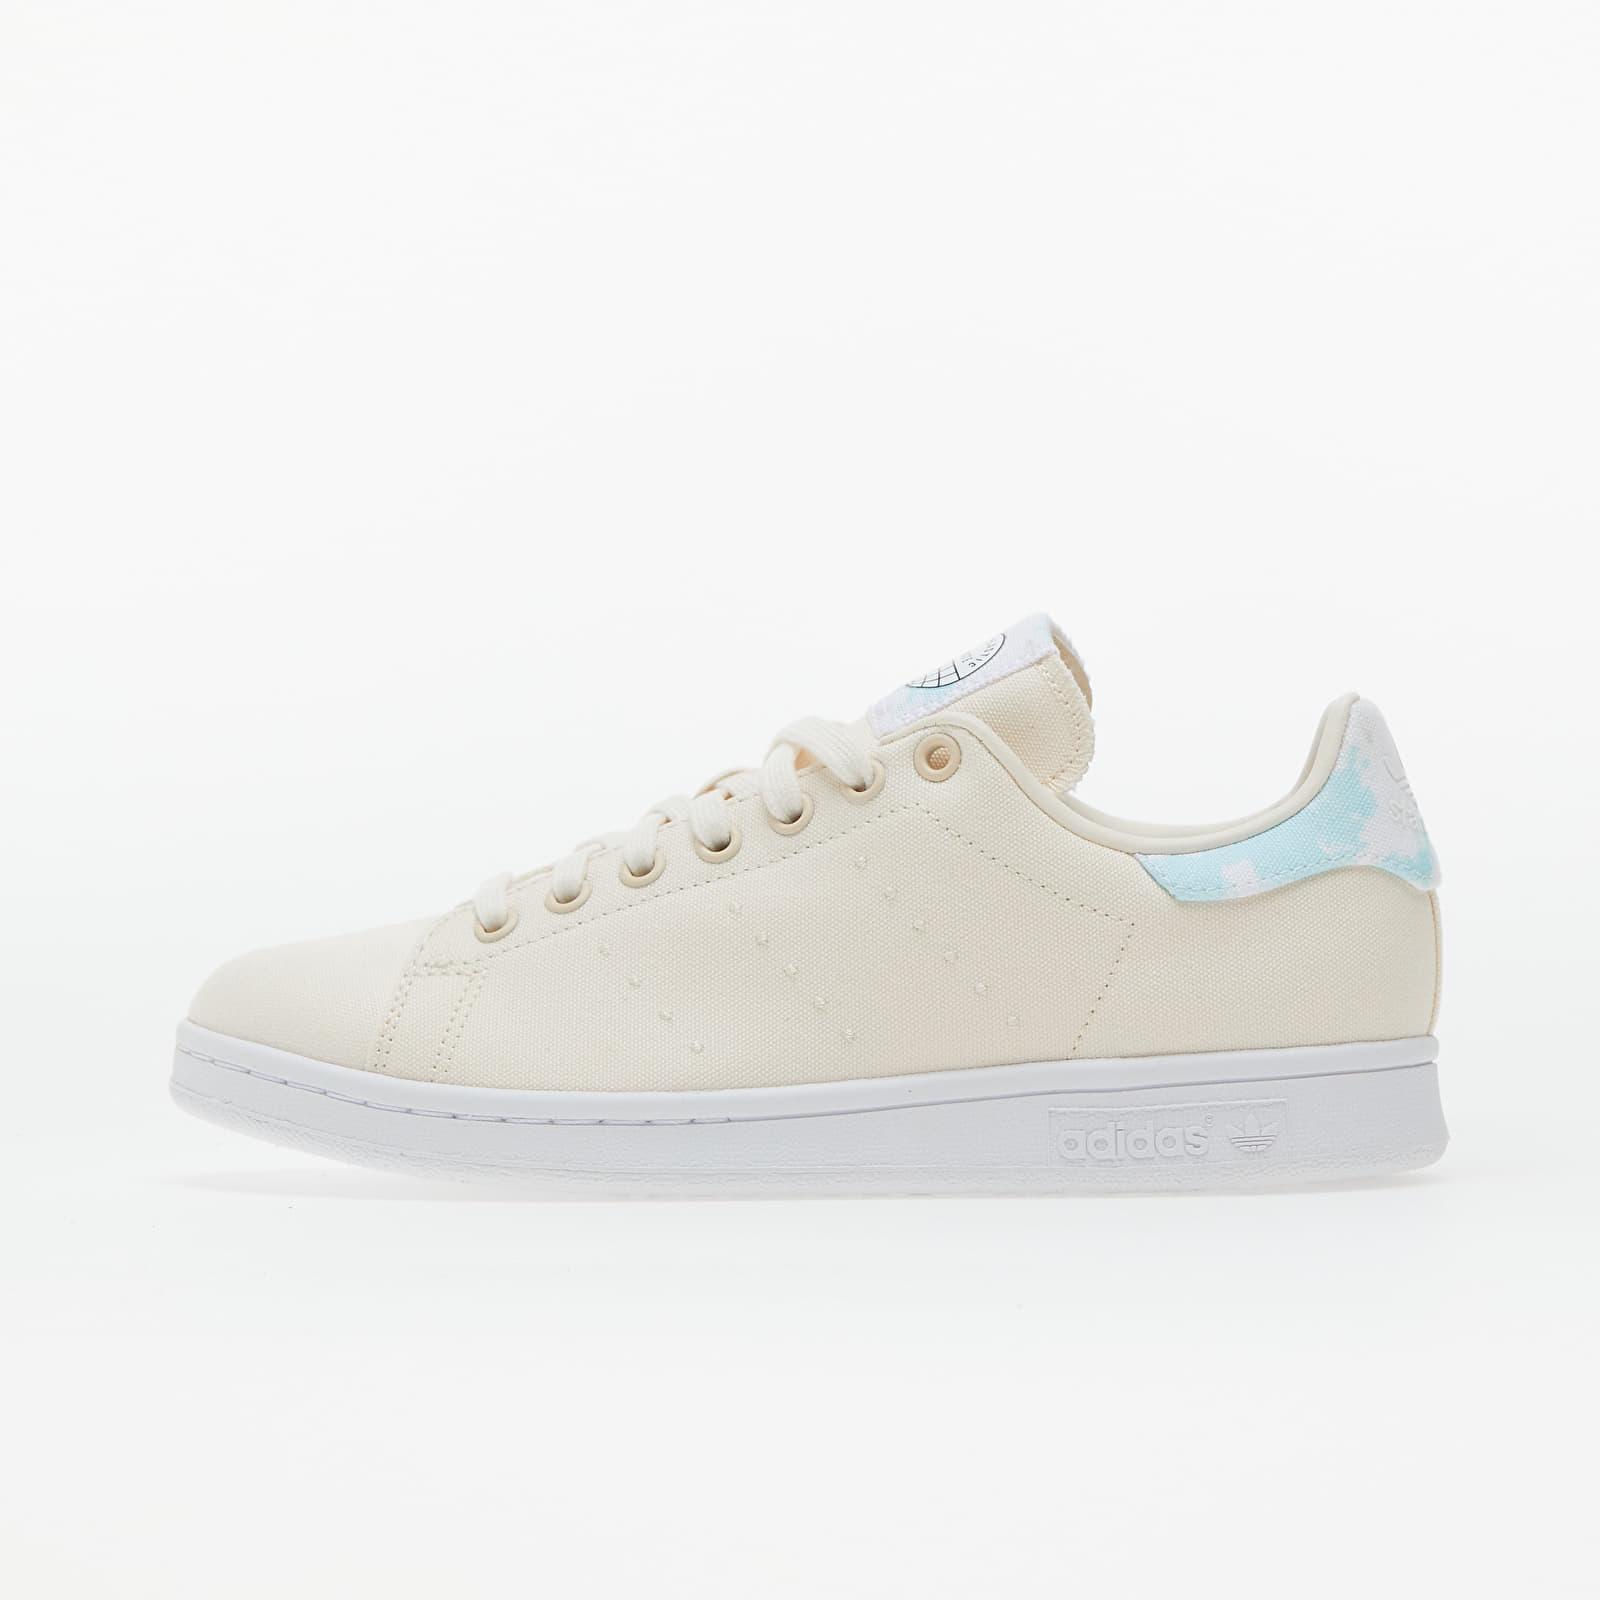 adidas Stan Smith W Worn White/ Worn White/ Ftw White EUR 41 1/3